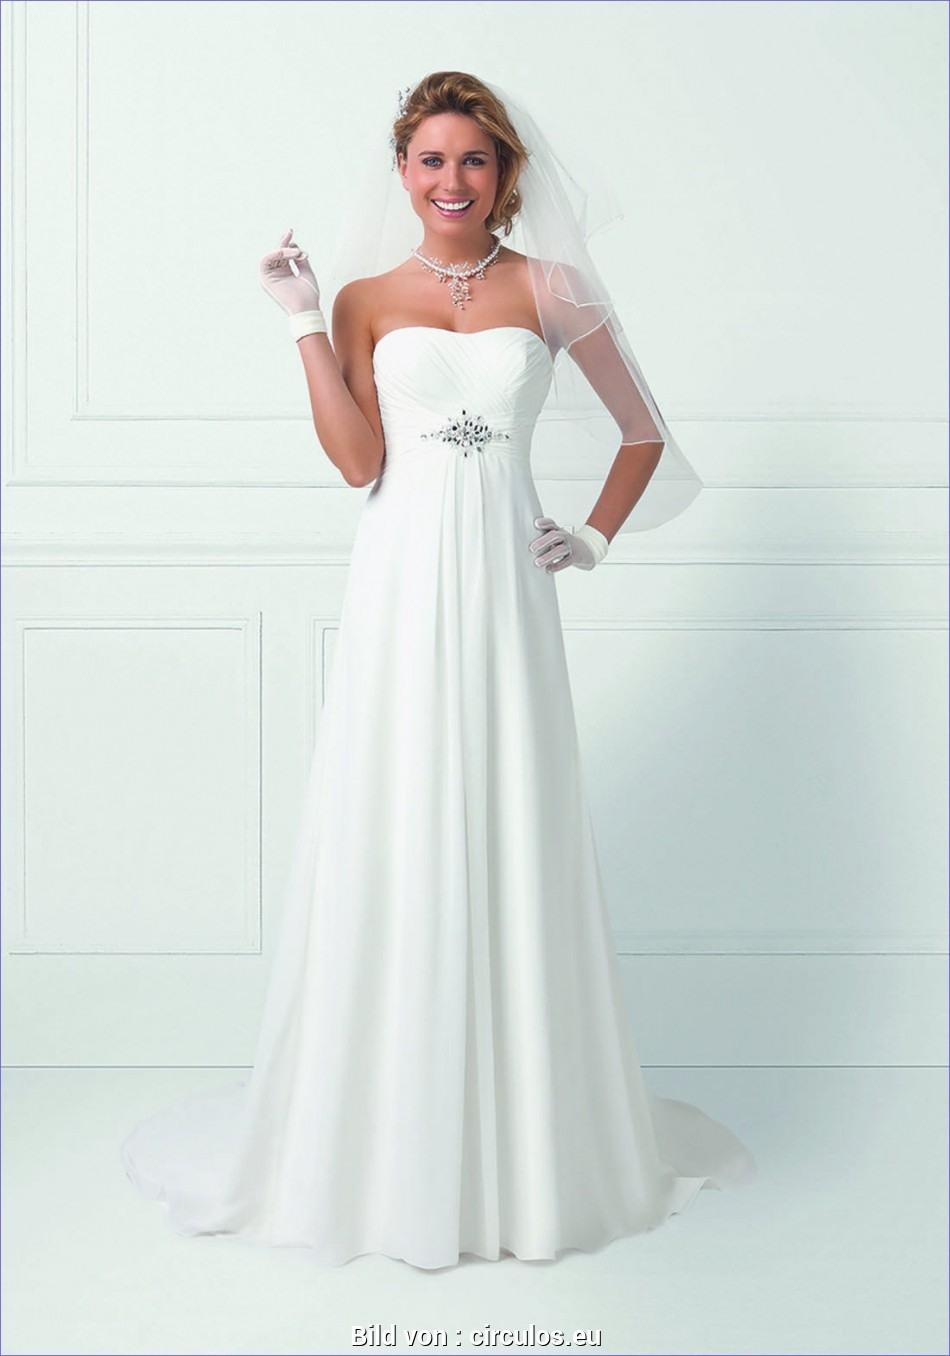 13 Elegant Abendkleider Schweiz Design13 Luxurius Abendkleider Schweiz Vertrieb